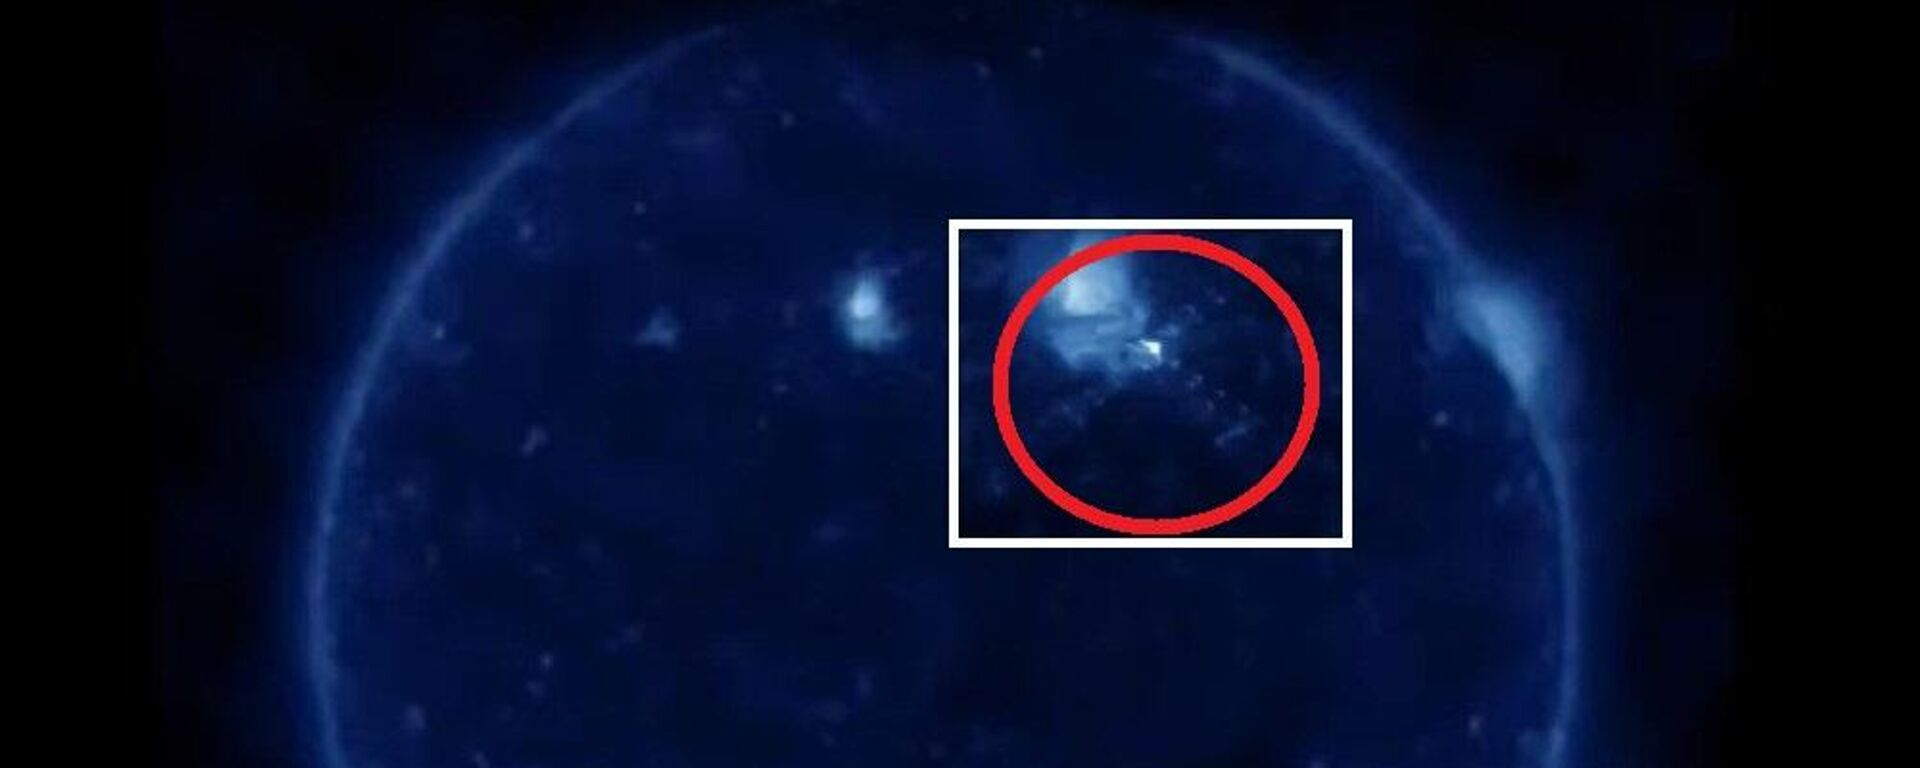 Ερευνητής είδε εξωγήινο σκάφος να εκτοξεύεται από τον πυρήνα - Sputnik Ελλάδα, 1920, 04.04.2021